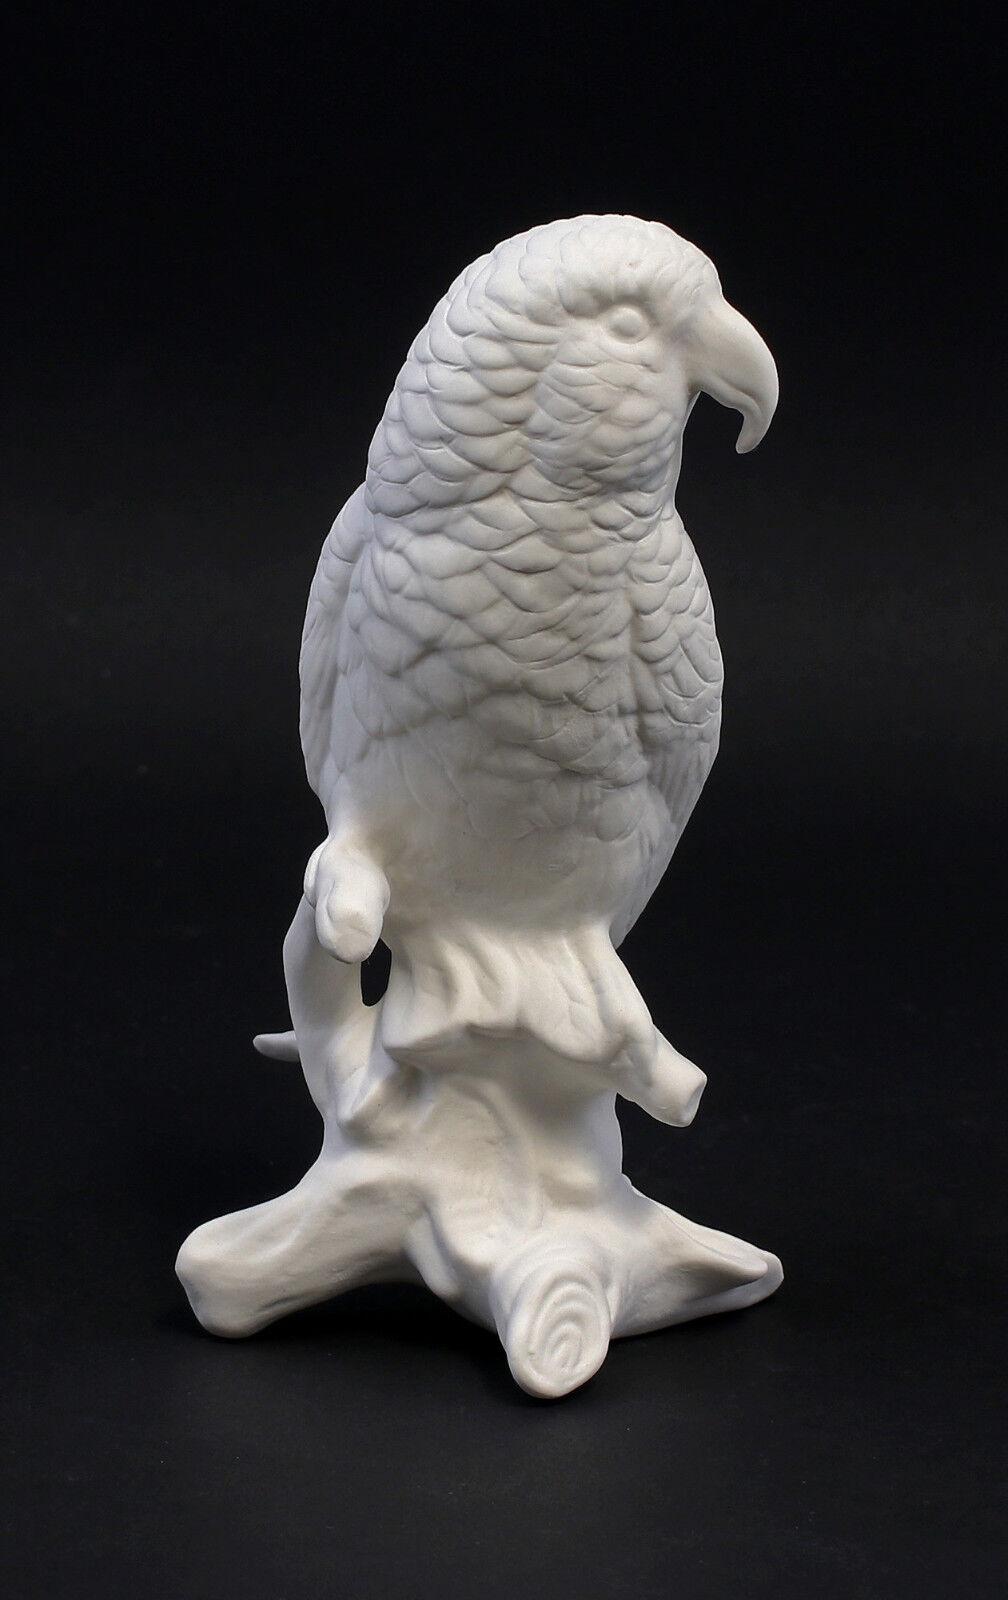 9959231 Porzellan Figur Papagei weiß bisquit Vogel Vogel Vogel Ens H16cm 9d01b4